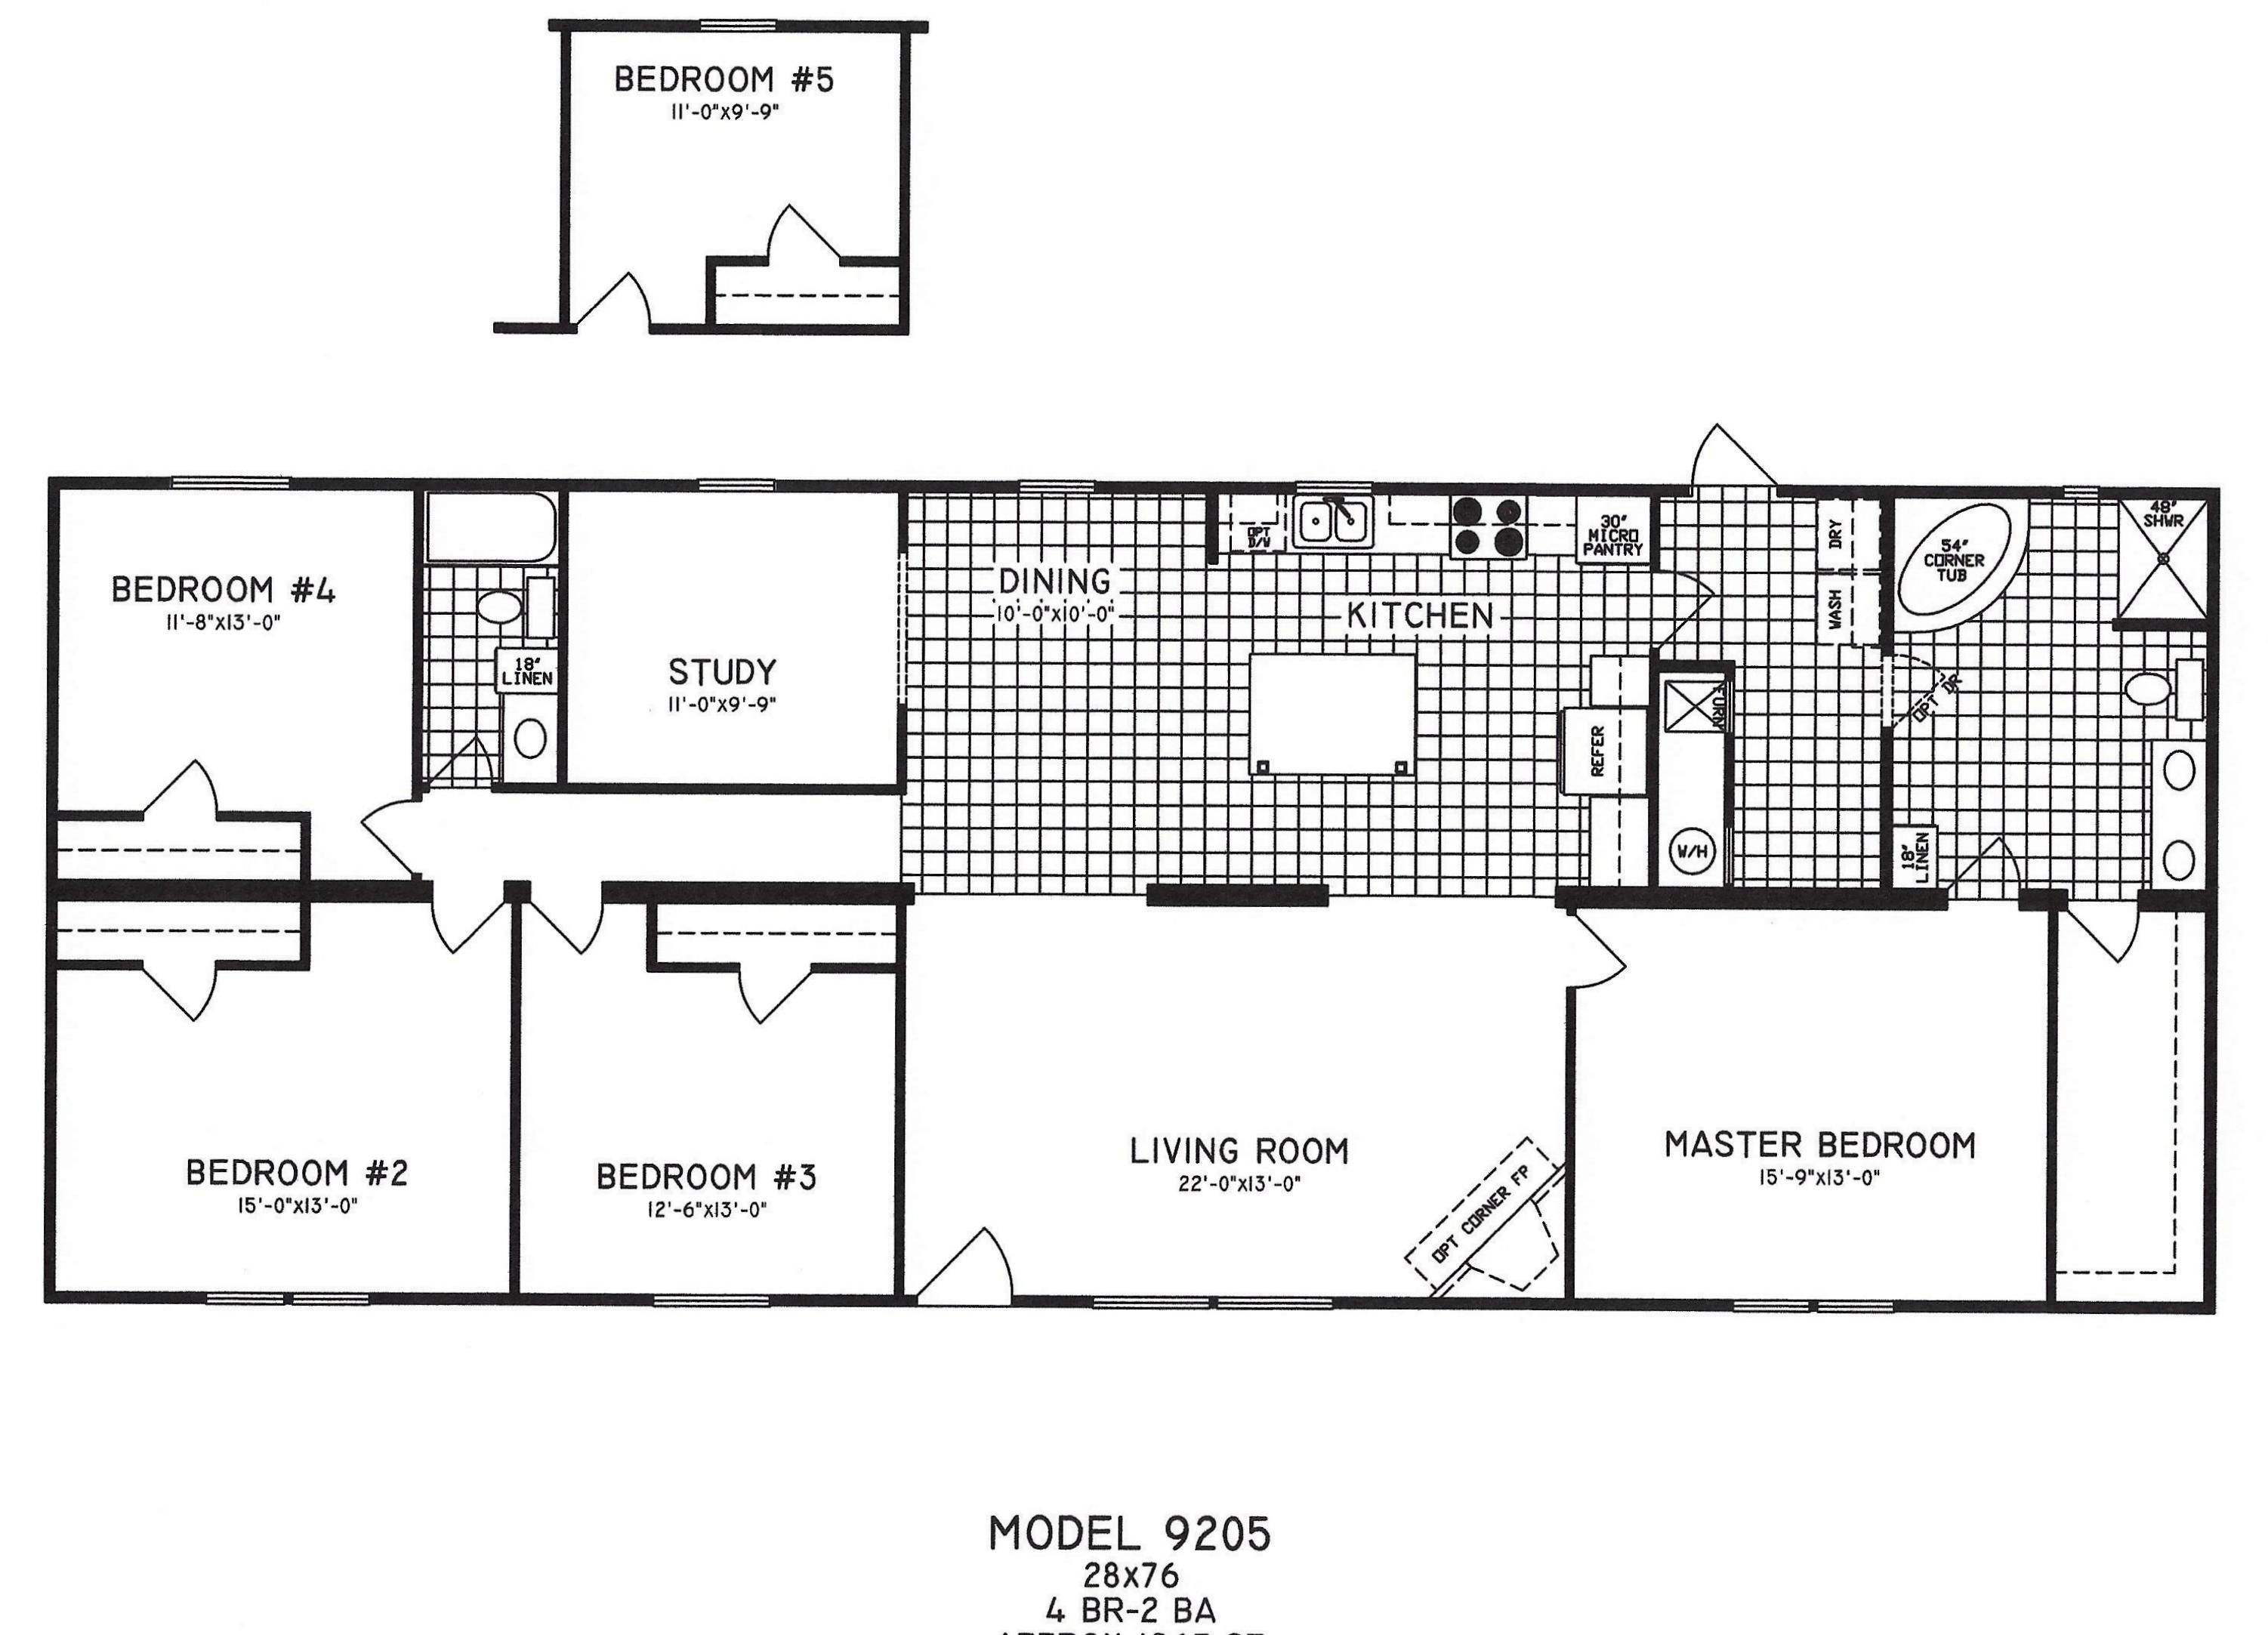 4 Bedroom Floor Plan: C-9205 - Hawks Homes